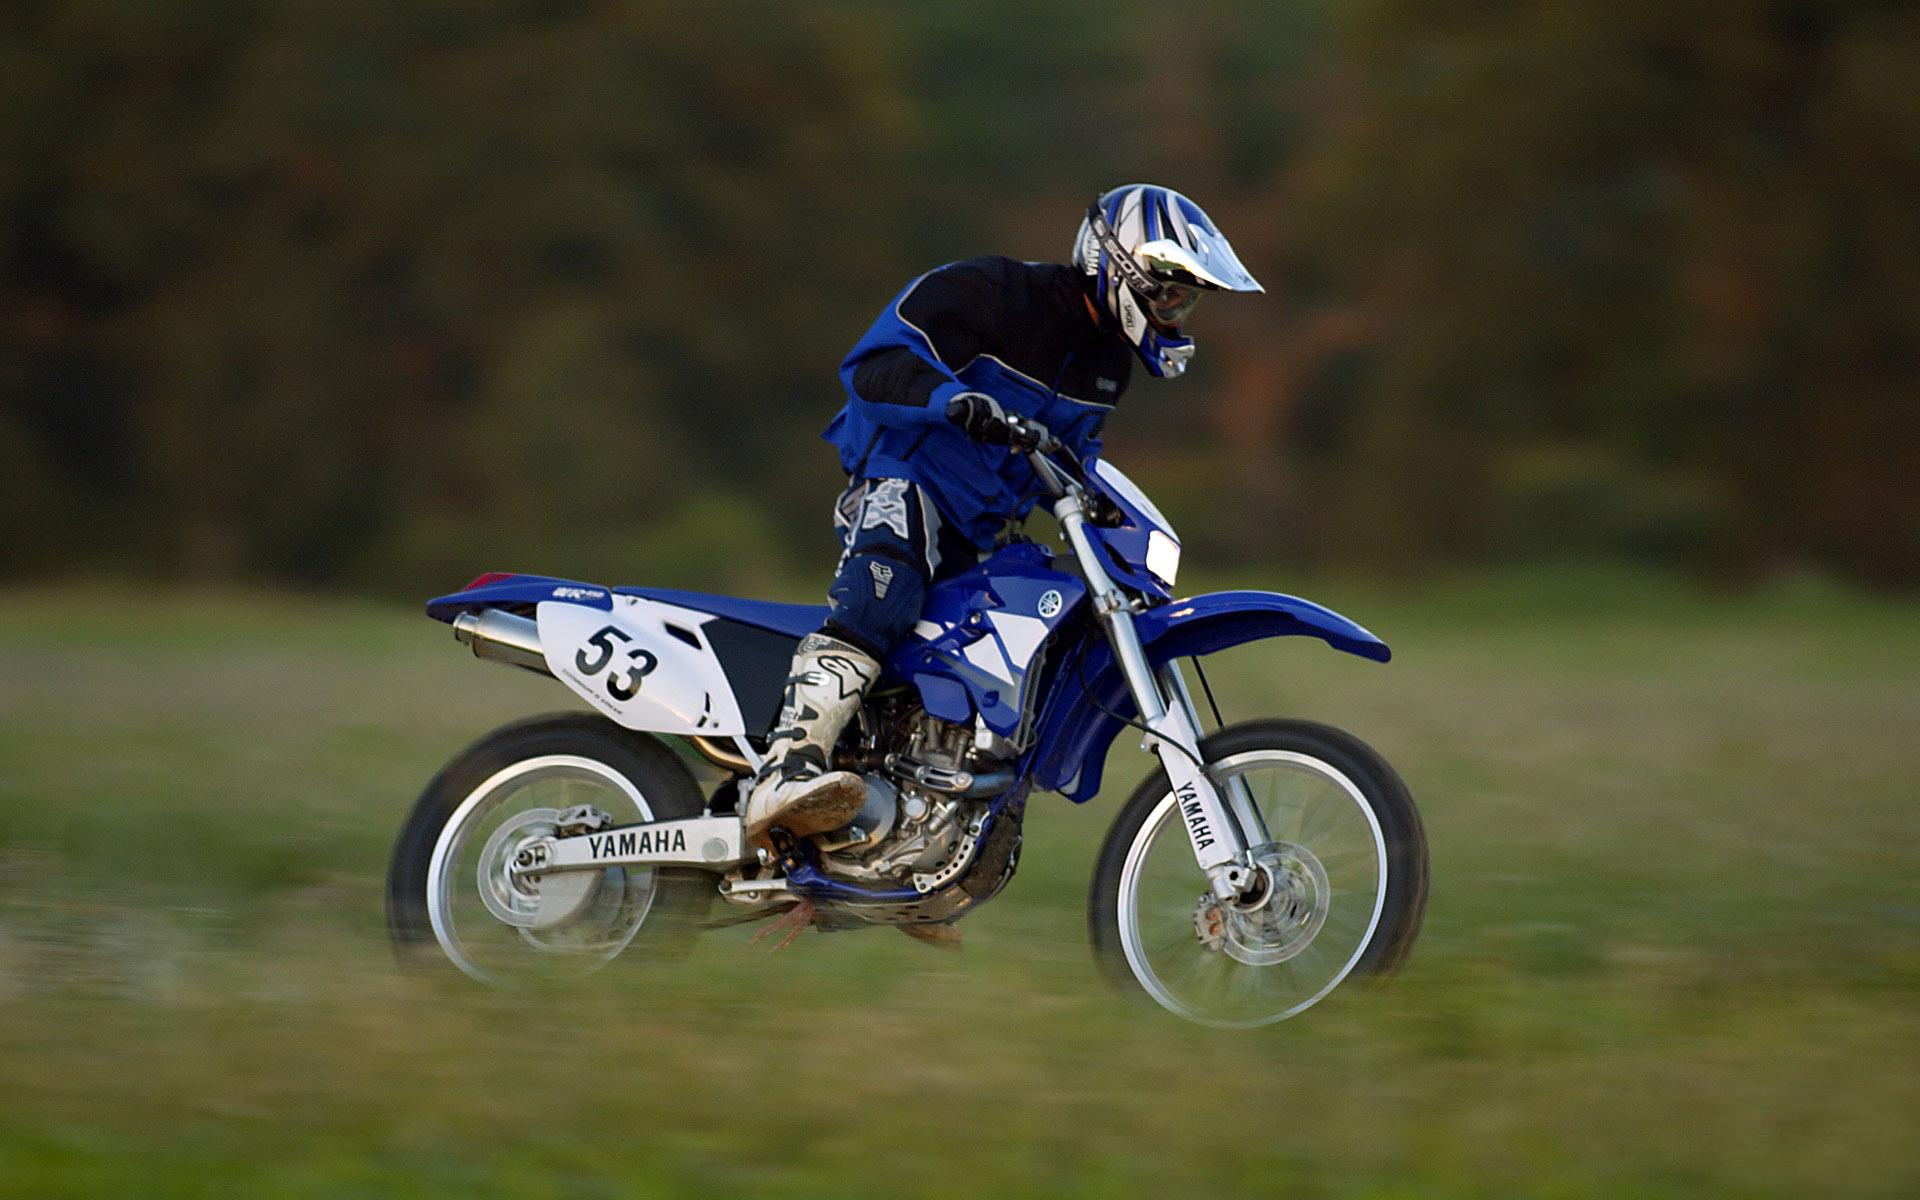 Yamaha WR450F 97